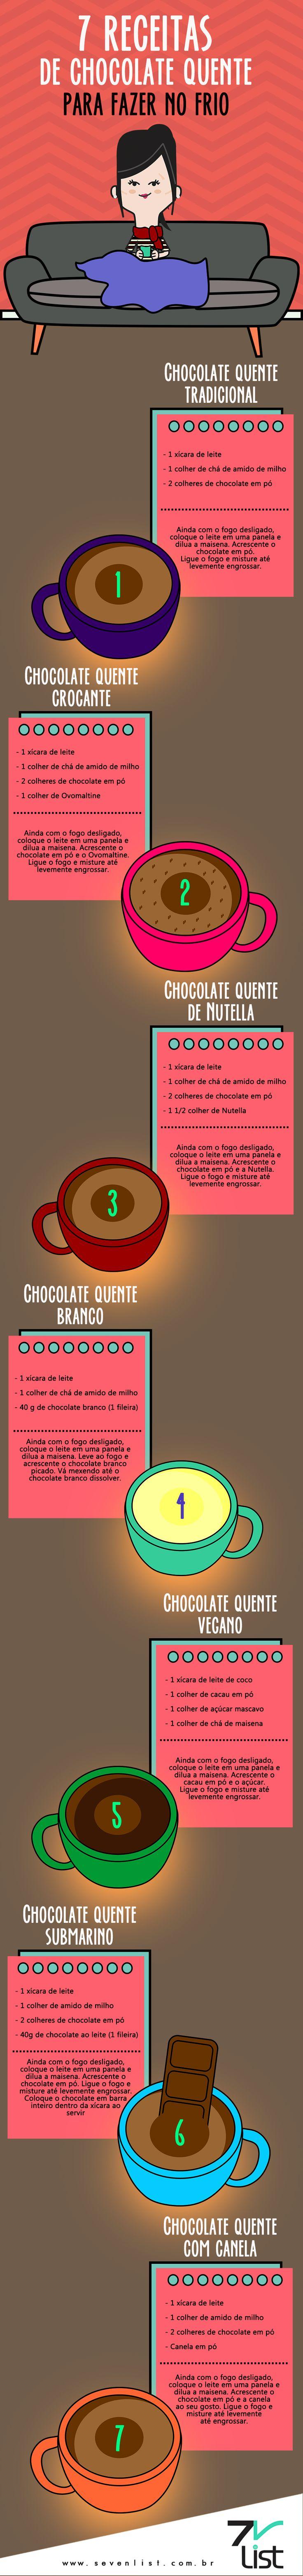 Tradicional, branco, de Nutella e até mesmo vegano. A bebida ideal pra o inverno tem para todos os gostos. Confira 7 receitas de chocolate quente para fazer no frio. #SevenList #Receitas #Chocolate #ChocolateQuente #Drink #Sweet #Tasty #Recipes